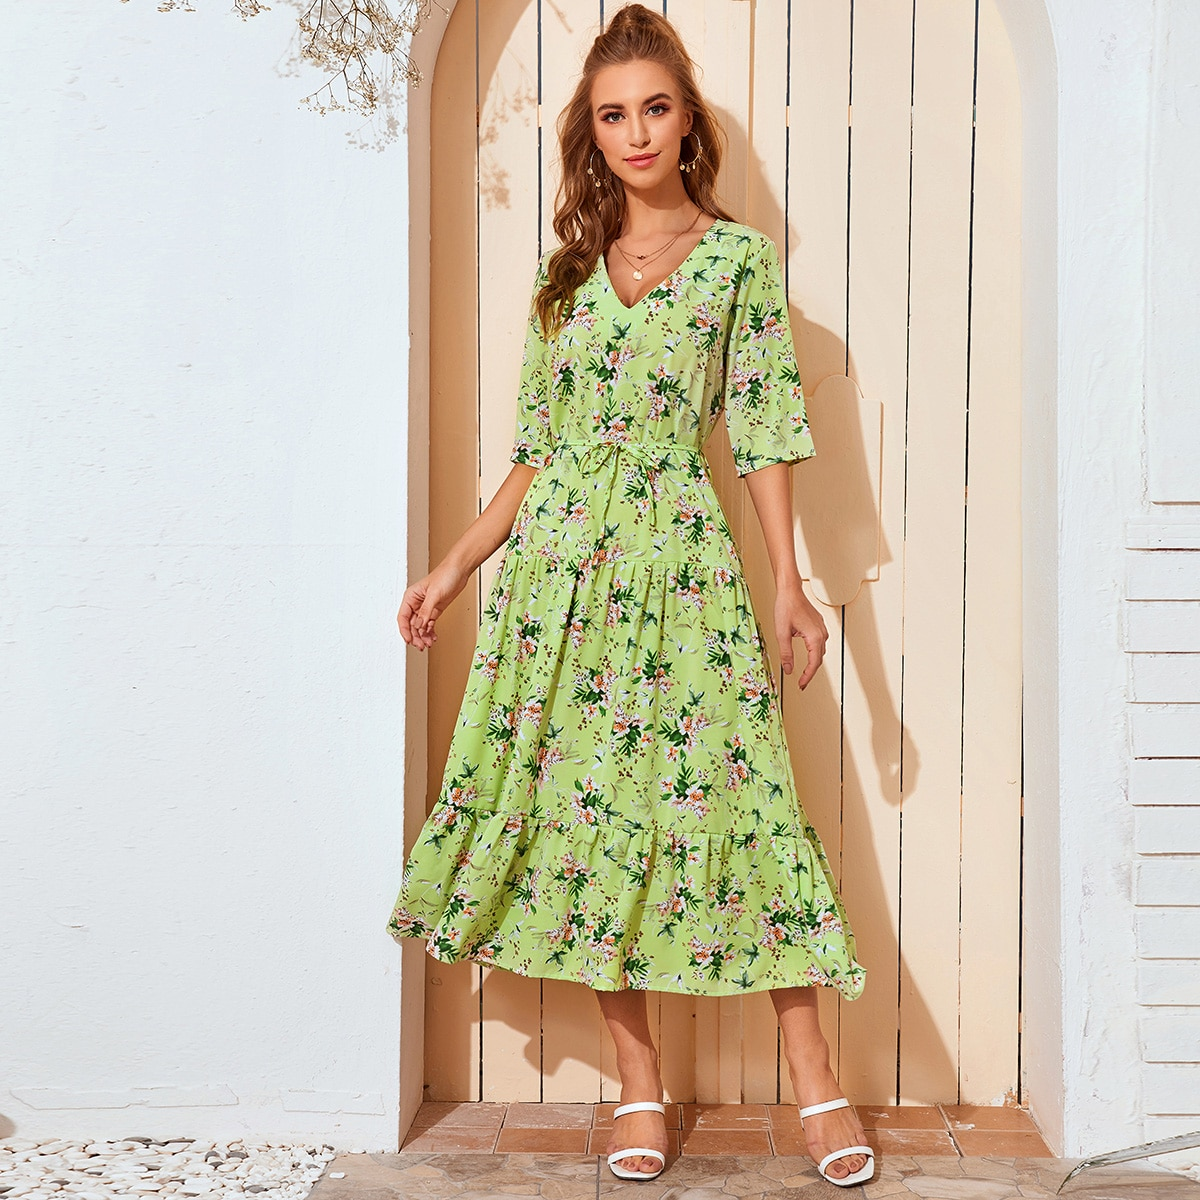 Цветочное платье с поясом и оборками фото